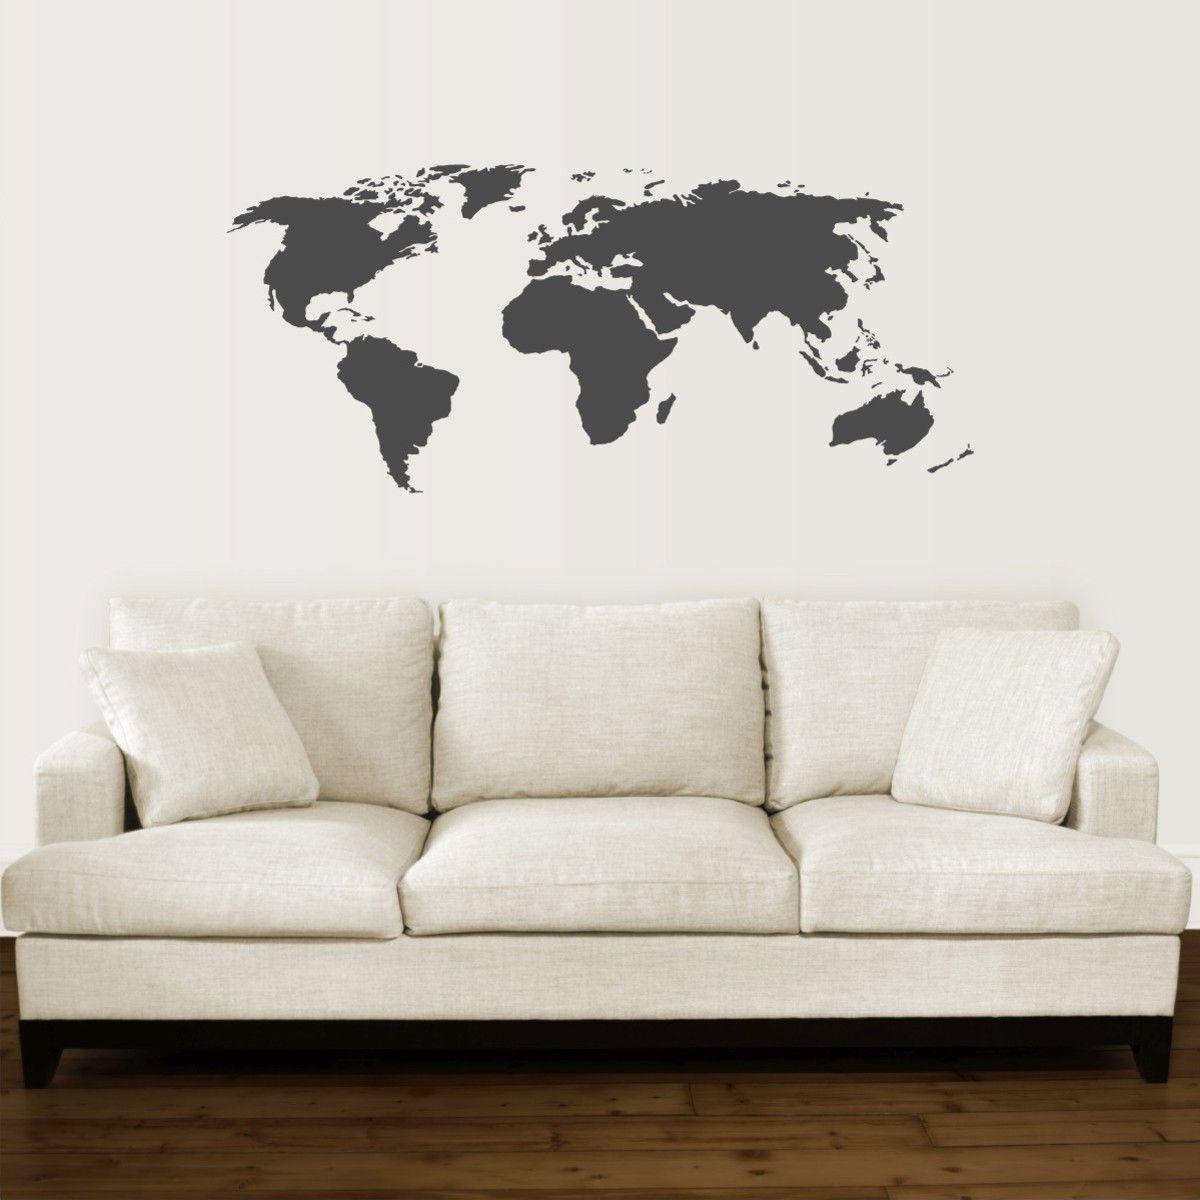 Bedight Wall Art Bedight World Map Vinyl Wall Art | Buy Online In Inside Recent Vinyl Wall Art World Map (View 9 of 20)